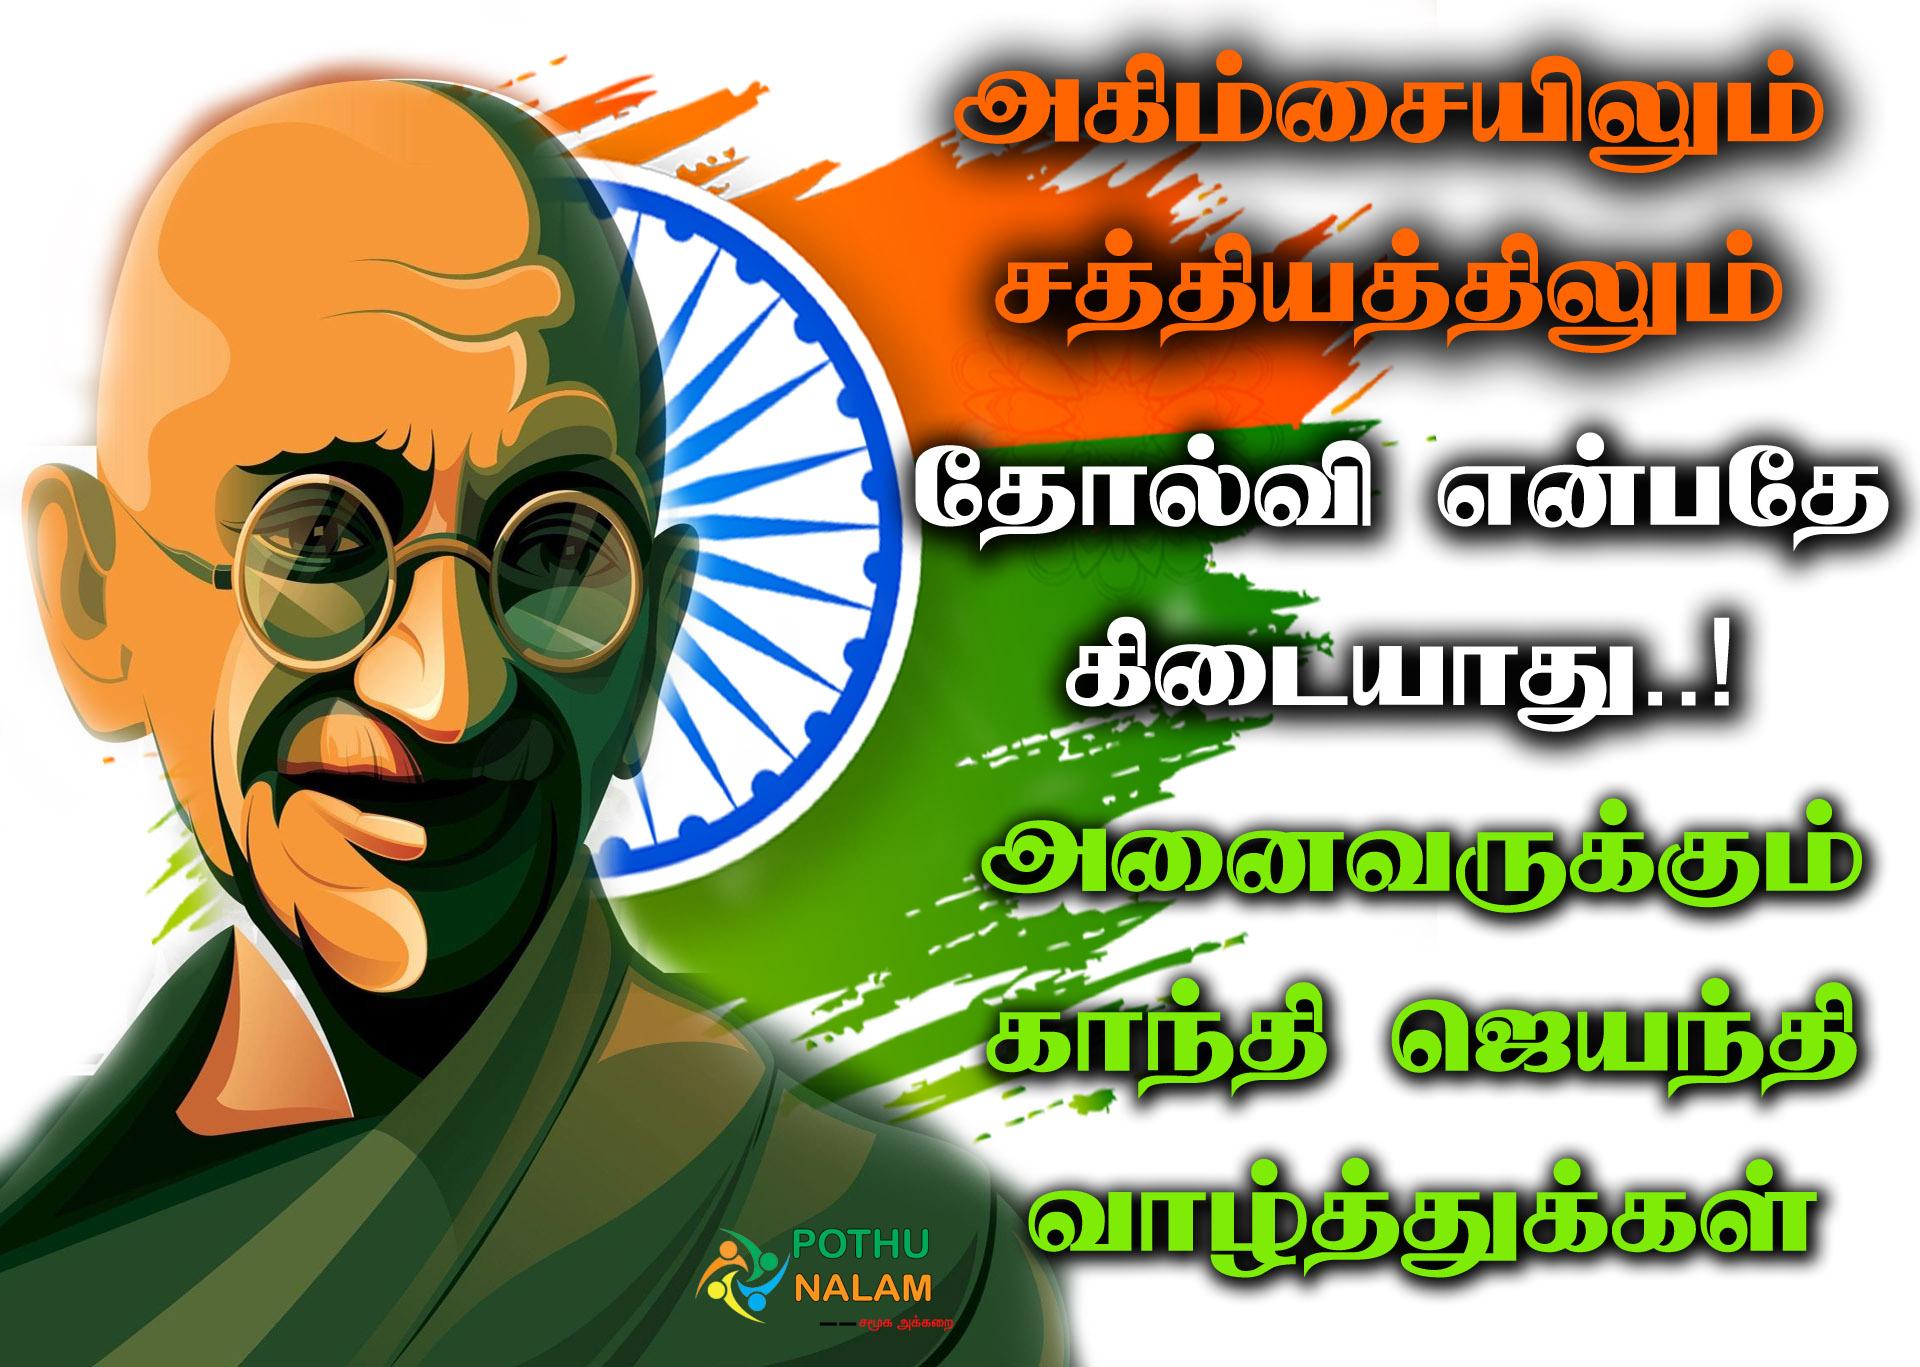 gandhi jayanti quotes in tamil